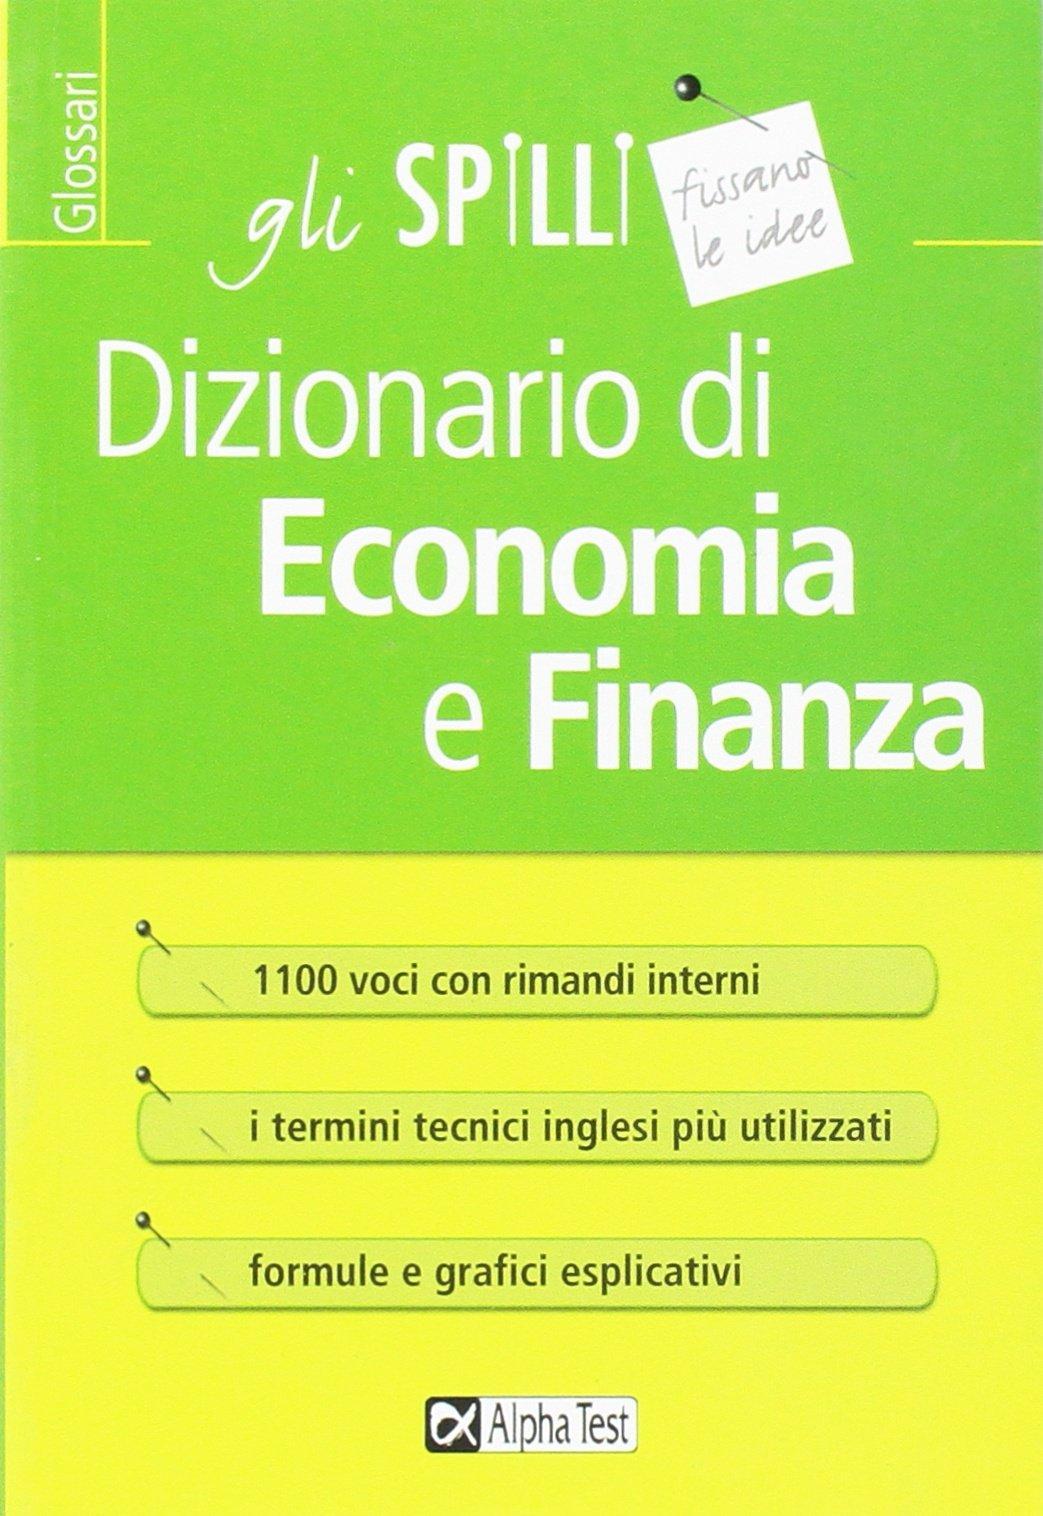 cd88b10cf4 Amazon.it: Dizionario di economia e finanza - Carlo Tabacchi, Daniele  Tortoriello - Libri